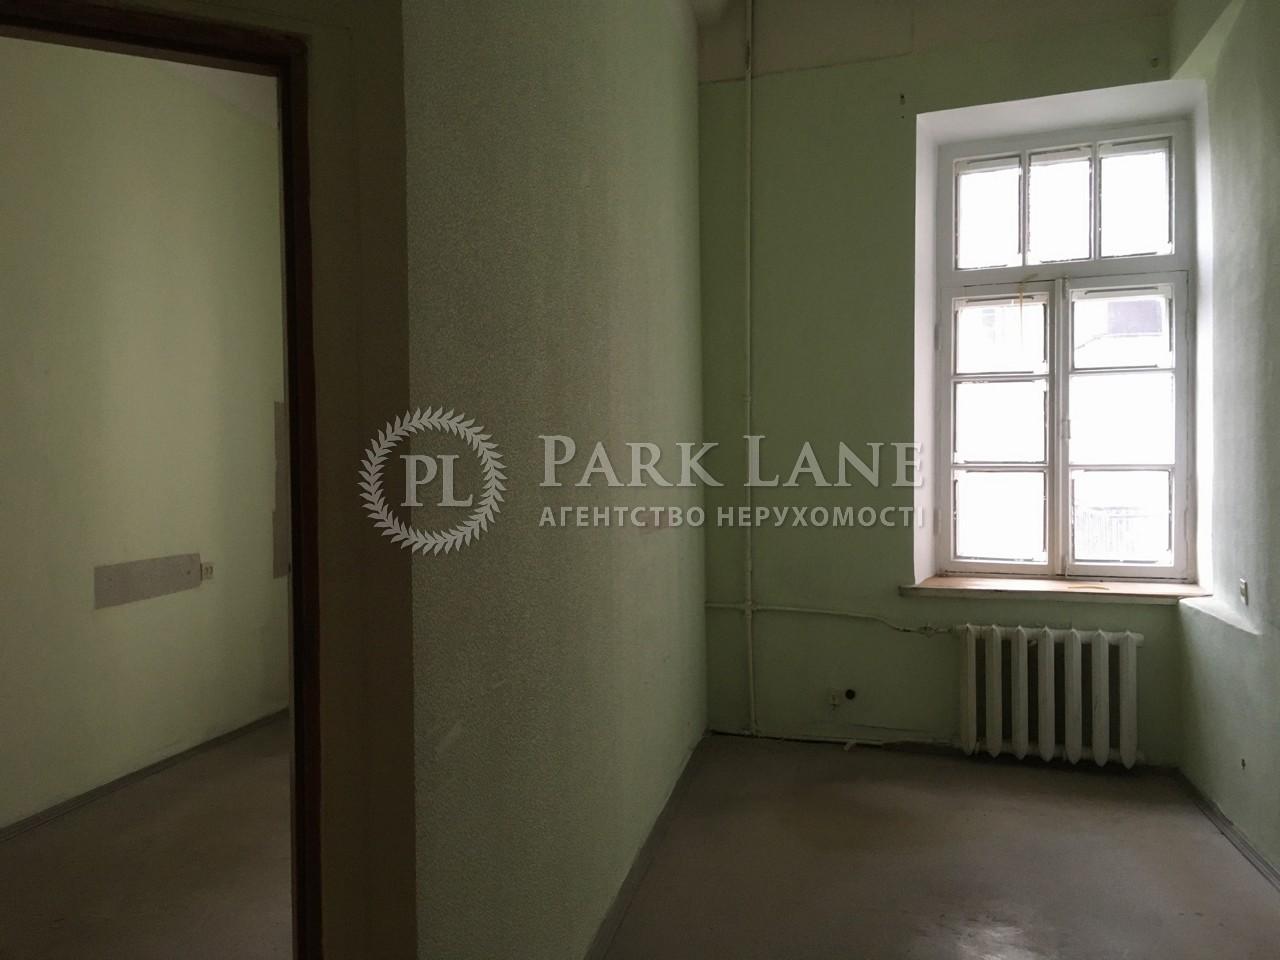 Нежилое помещение, ул. Прорезная (Центр), Киев, B-99450 - Фото 6